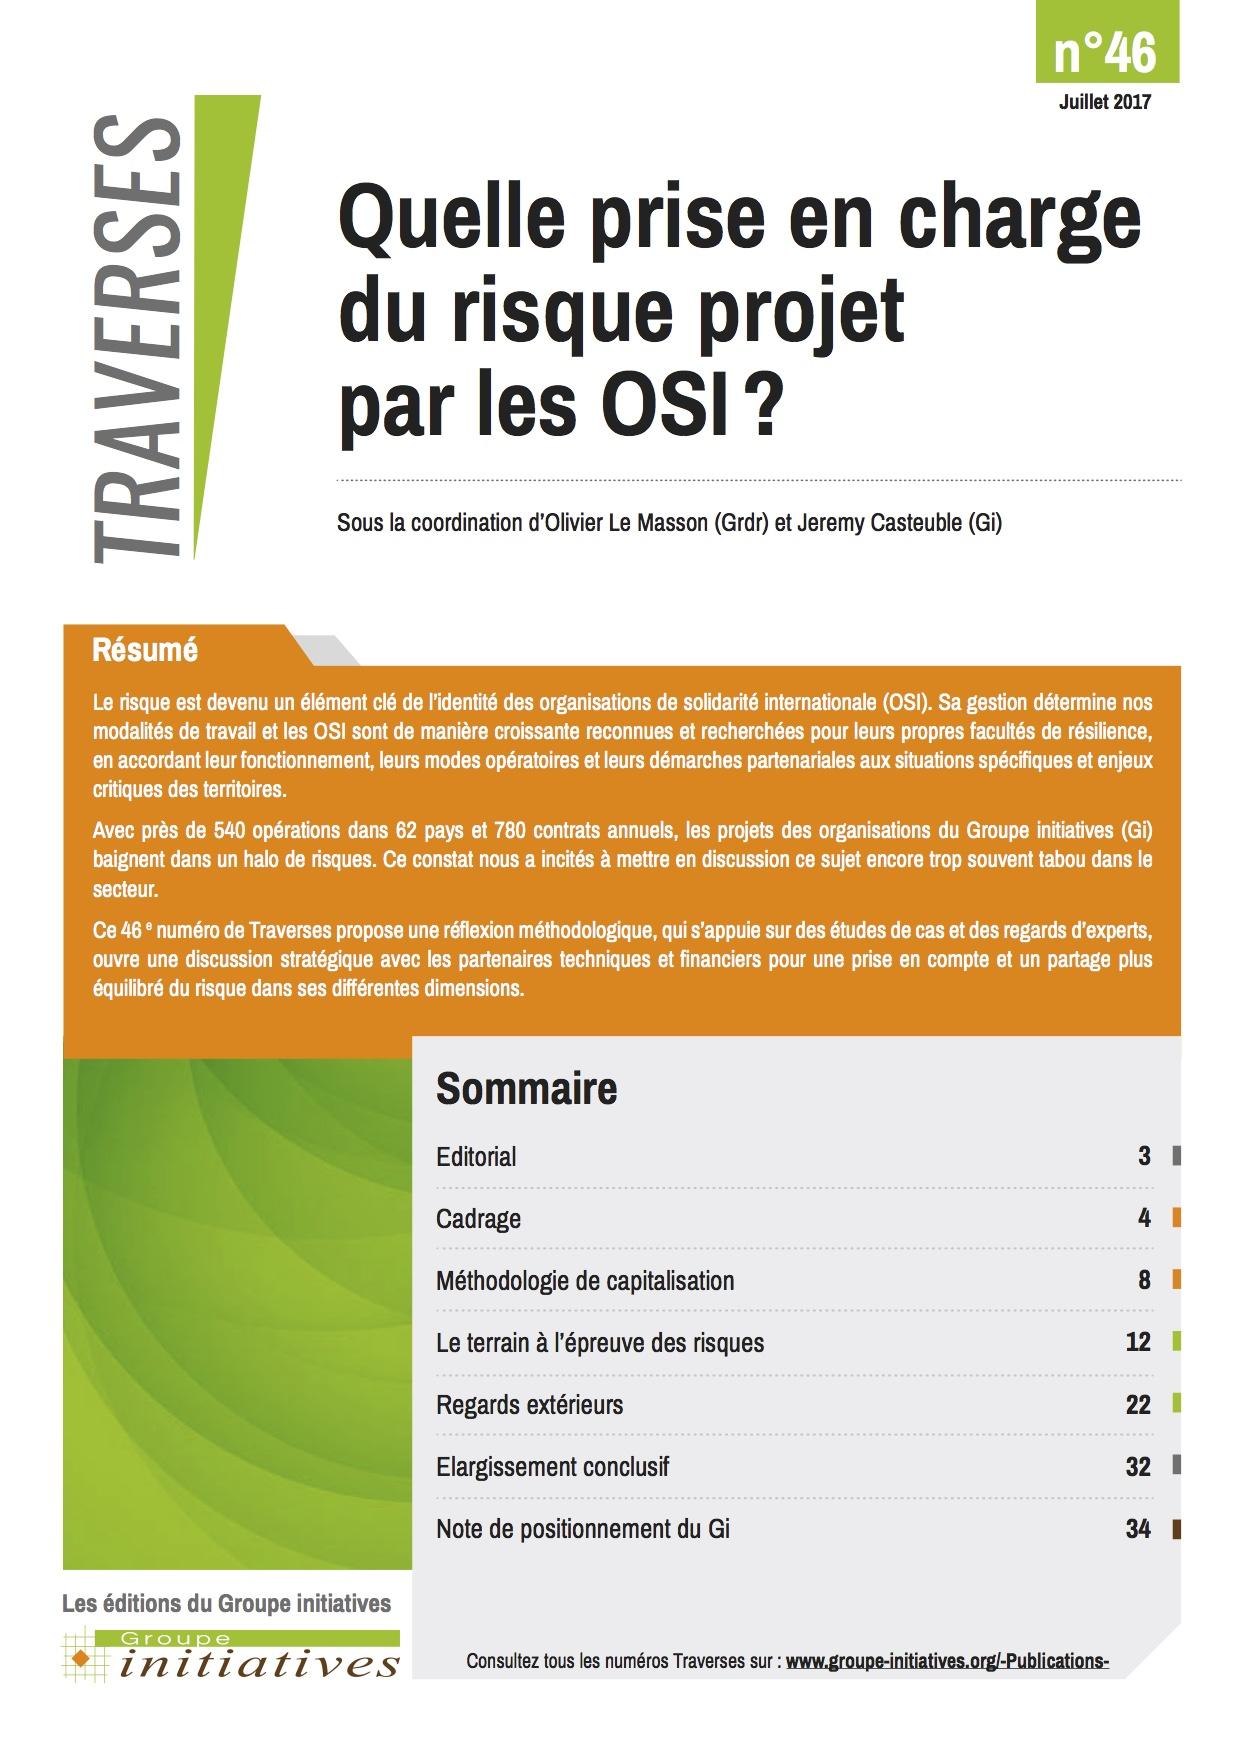 Quelle prise en charge du risque projet par les OSI  ? Image principale